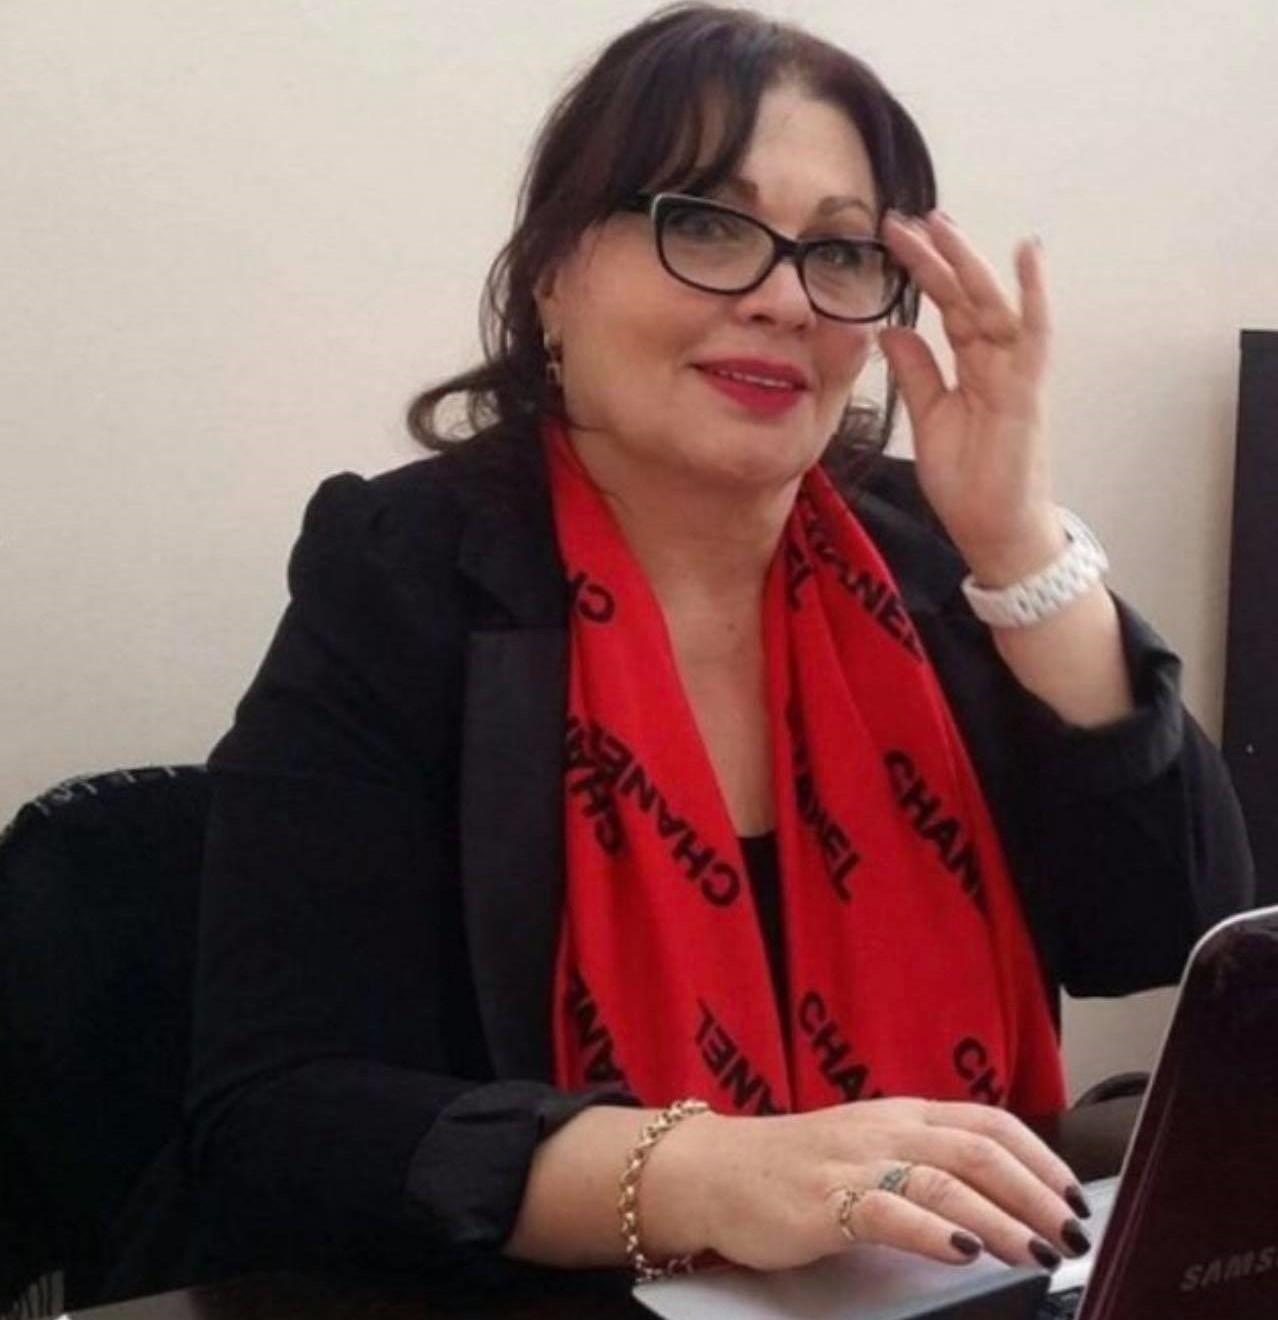 მაია გოგსაძე:  ავსტრალია მსოფლიოში პირველ ადგილზეა აცრის თვალსაზრისით, თუმცა ანტივაქსერები აქაც არიან